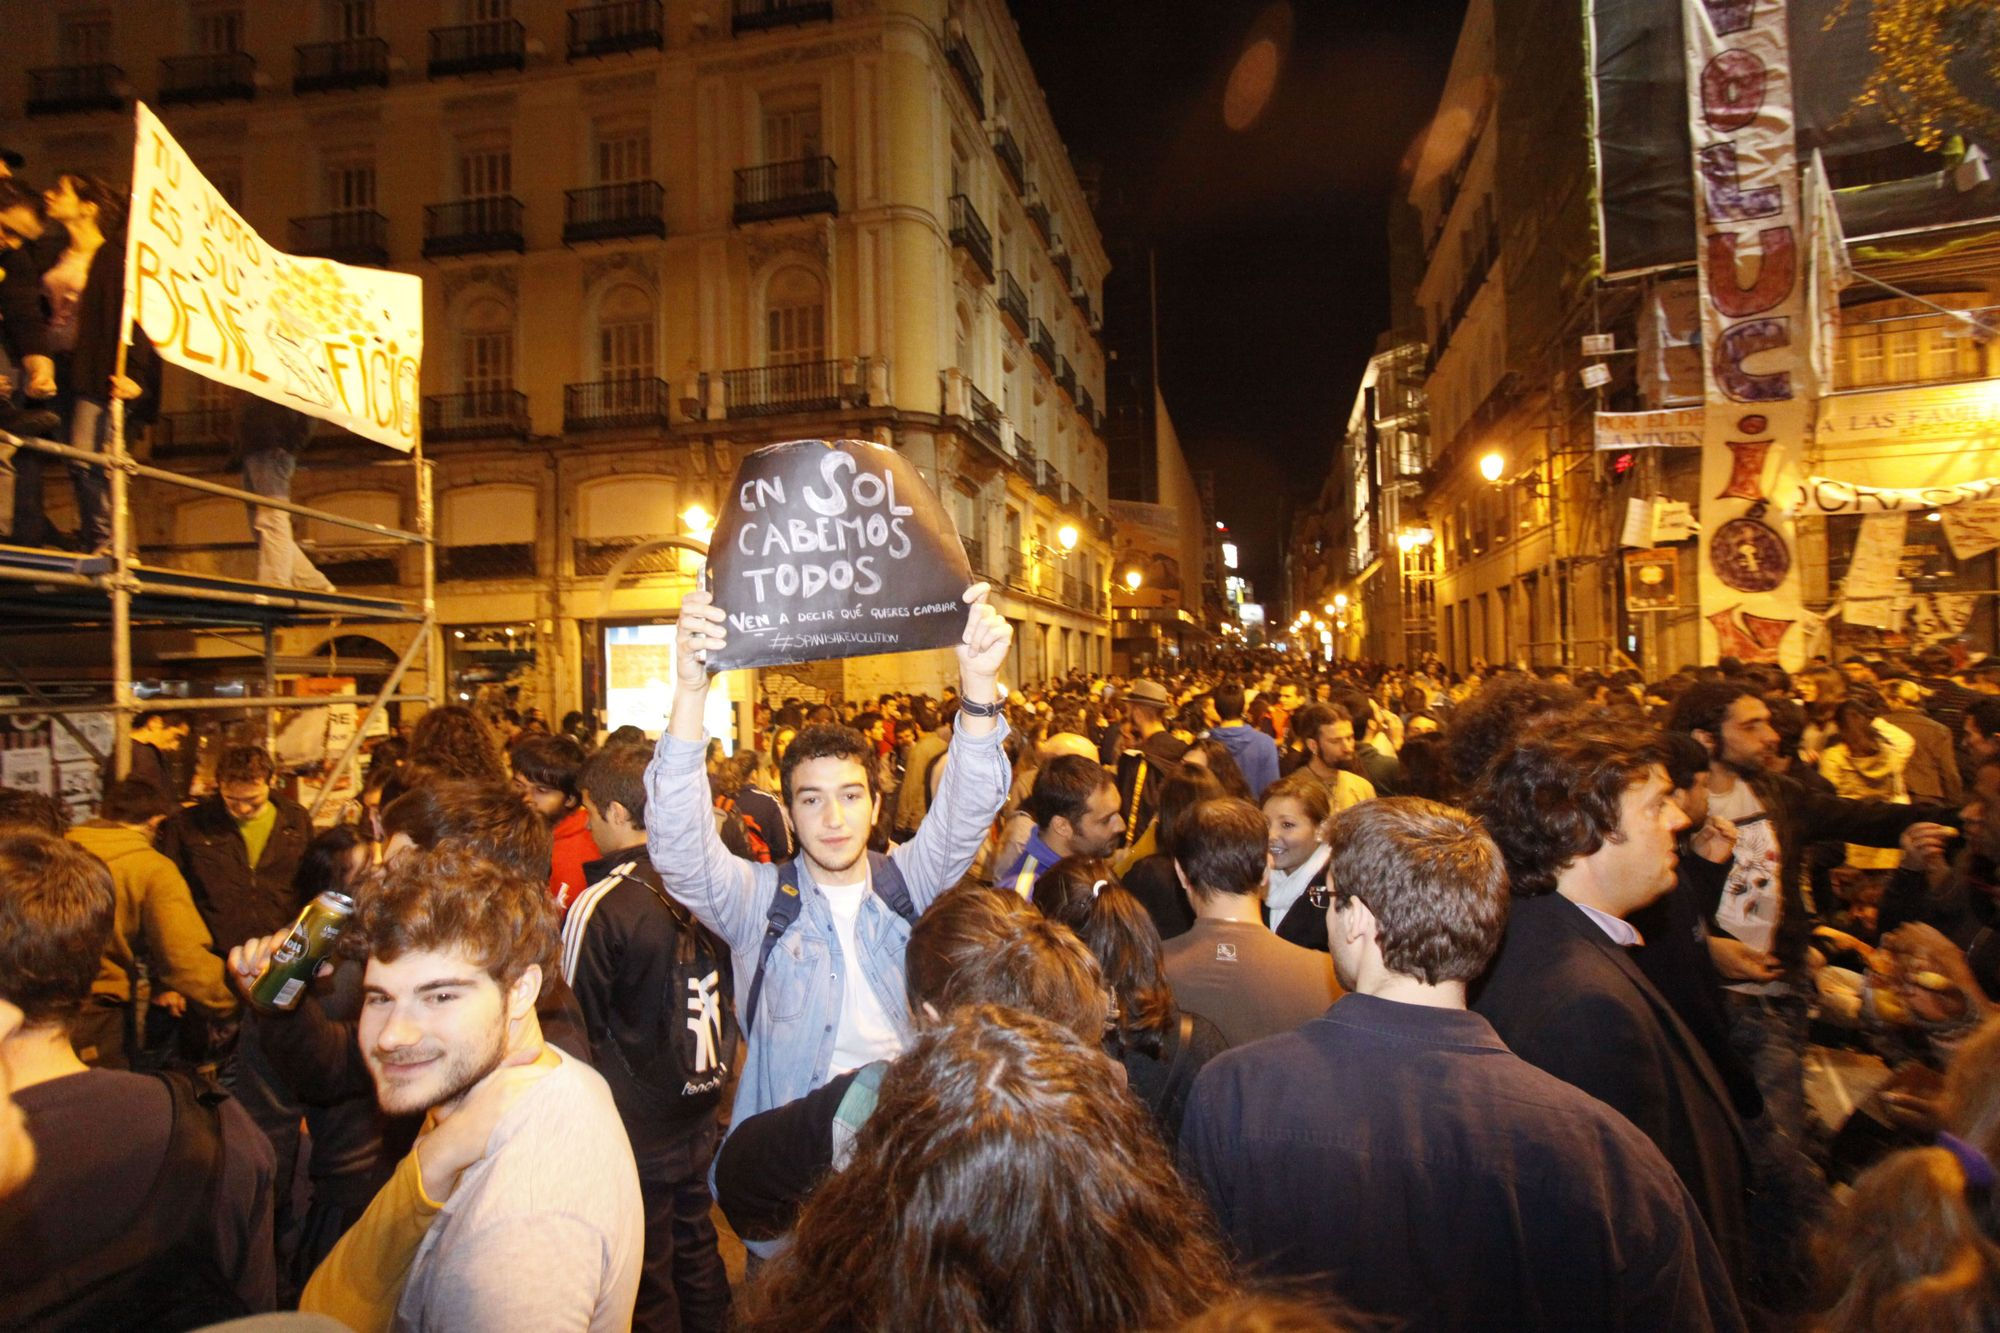 GALERÍA | El 15M en Zamora, en imágenes